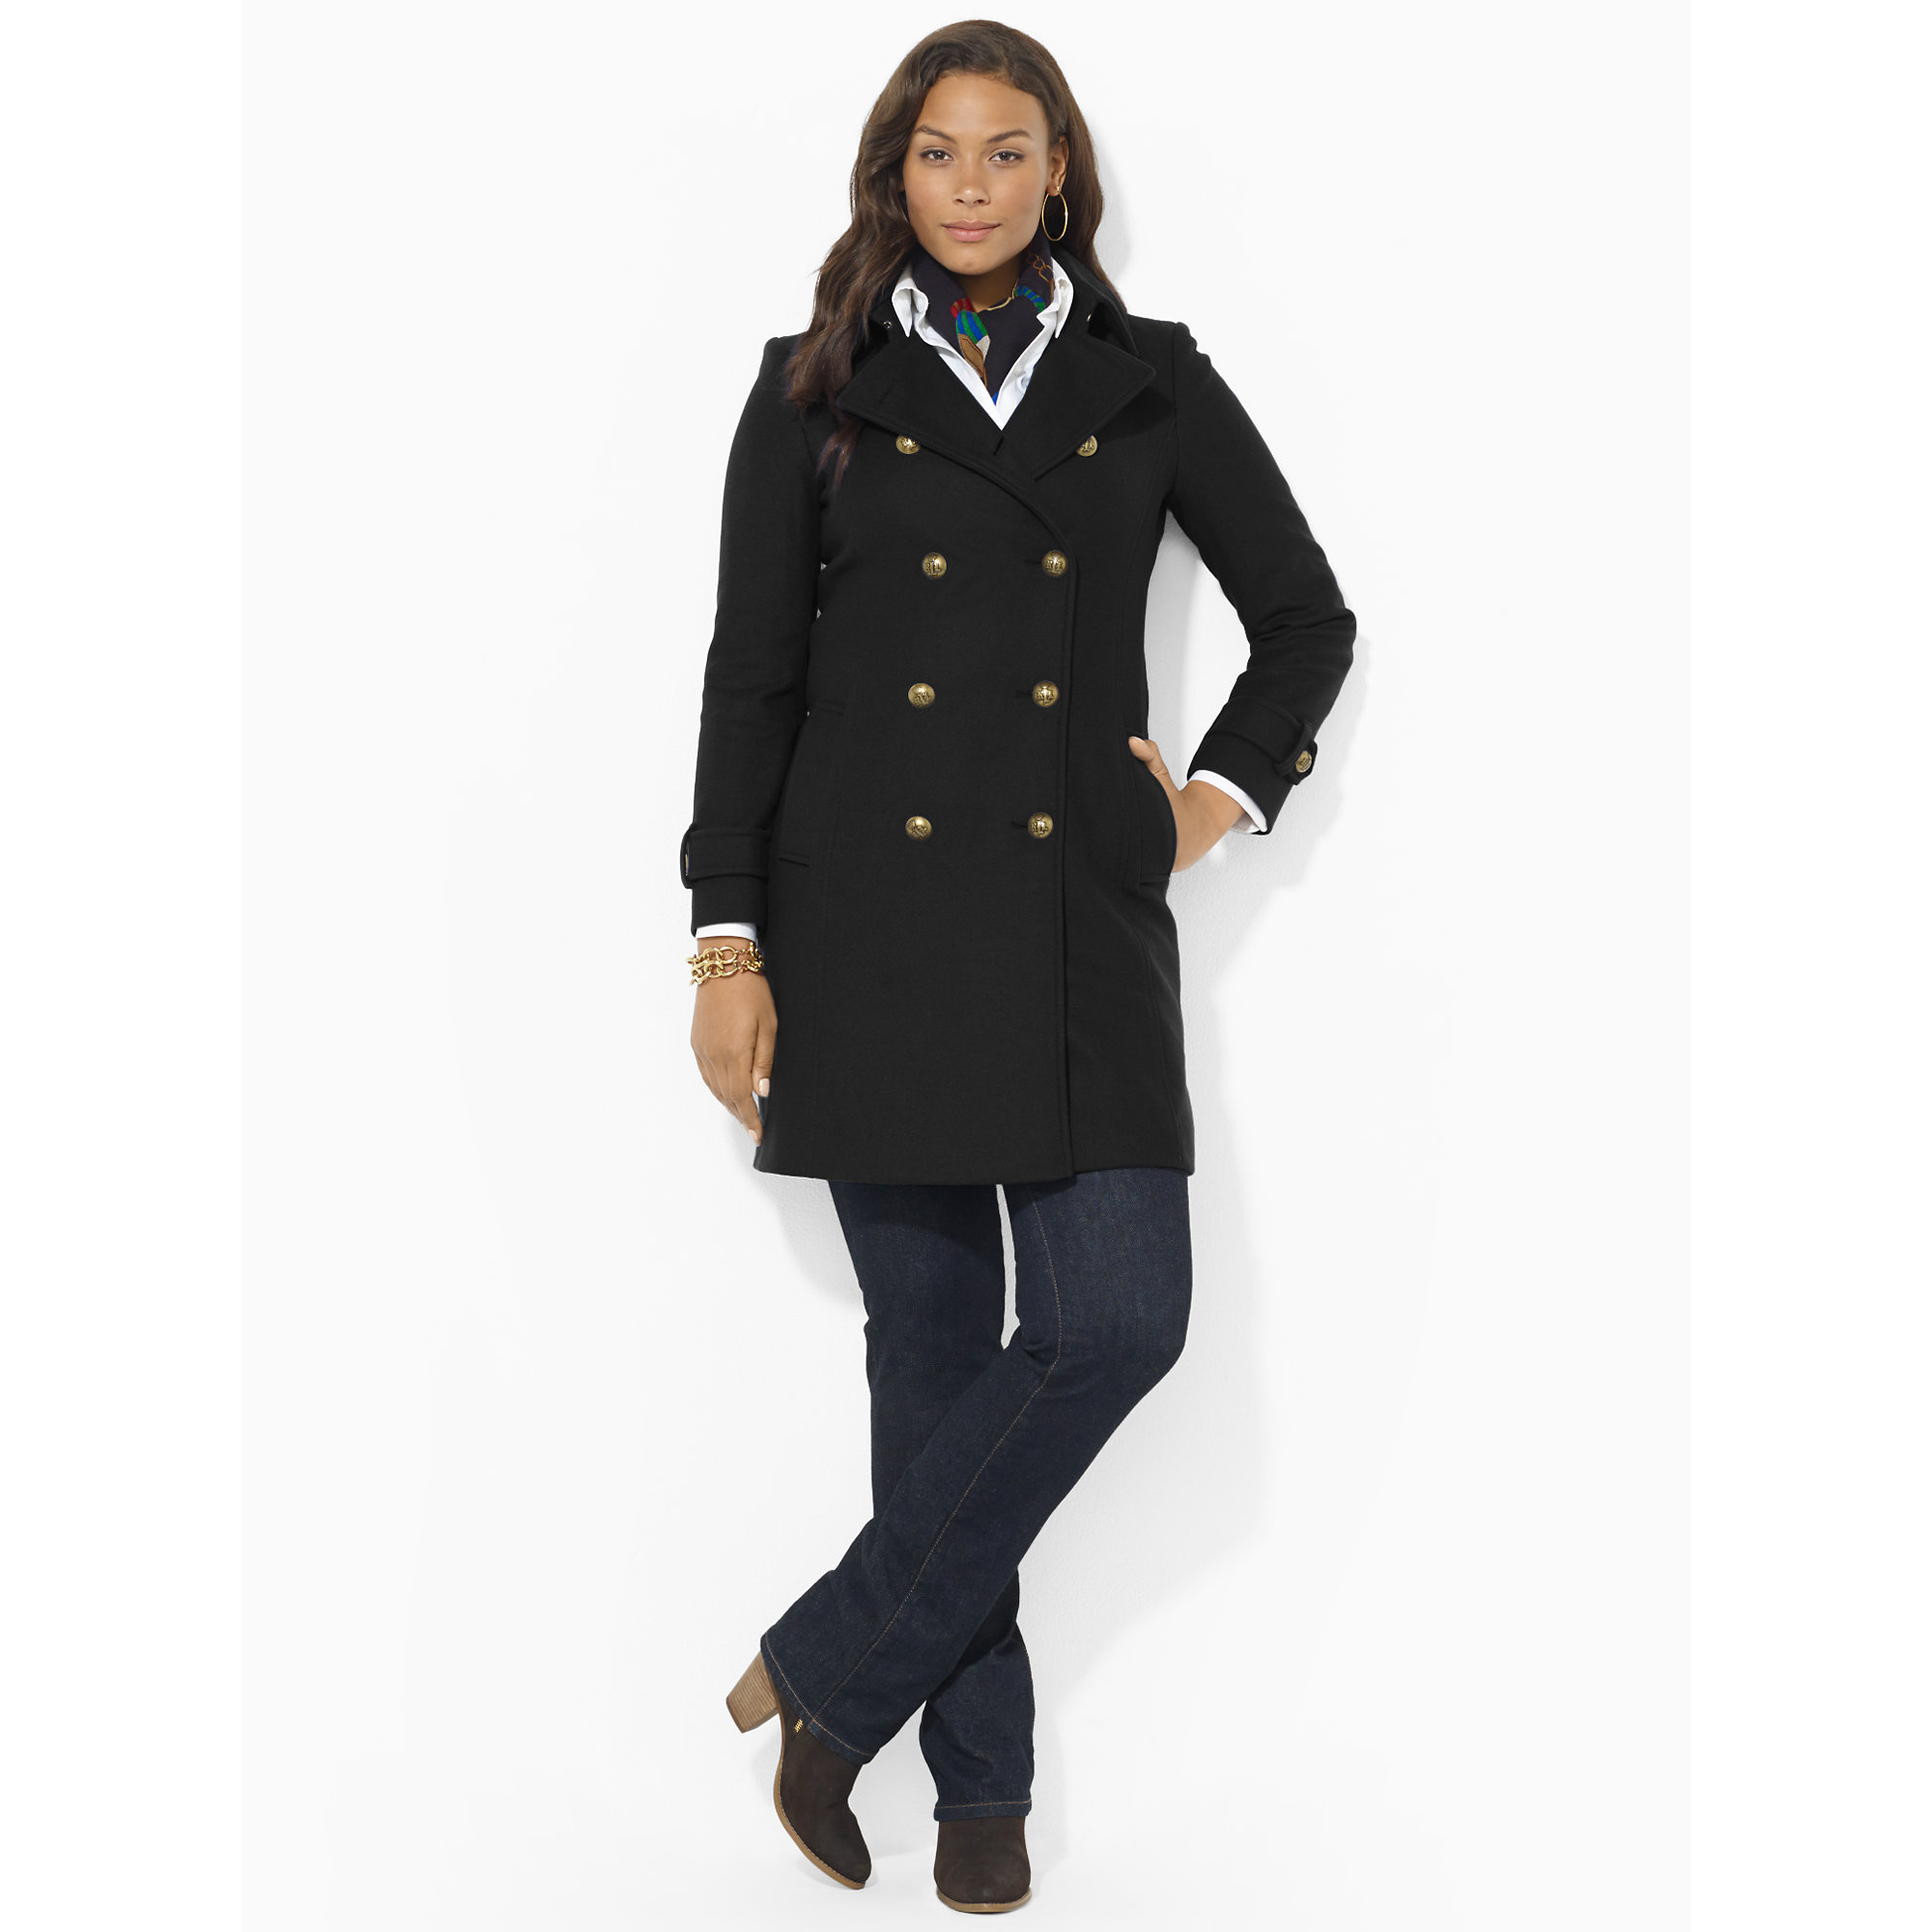 Lauren by ralph lauren Wool-Blend Military Pea Coat in Black | Lyst